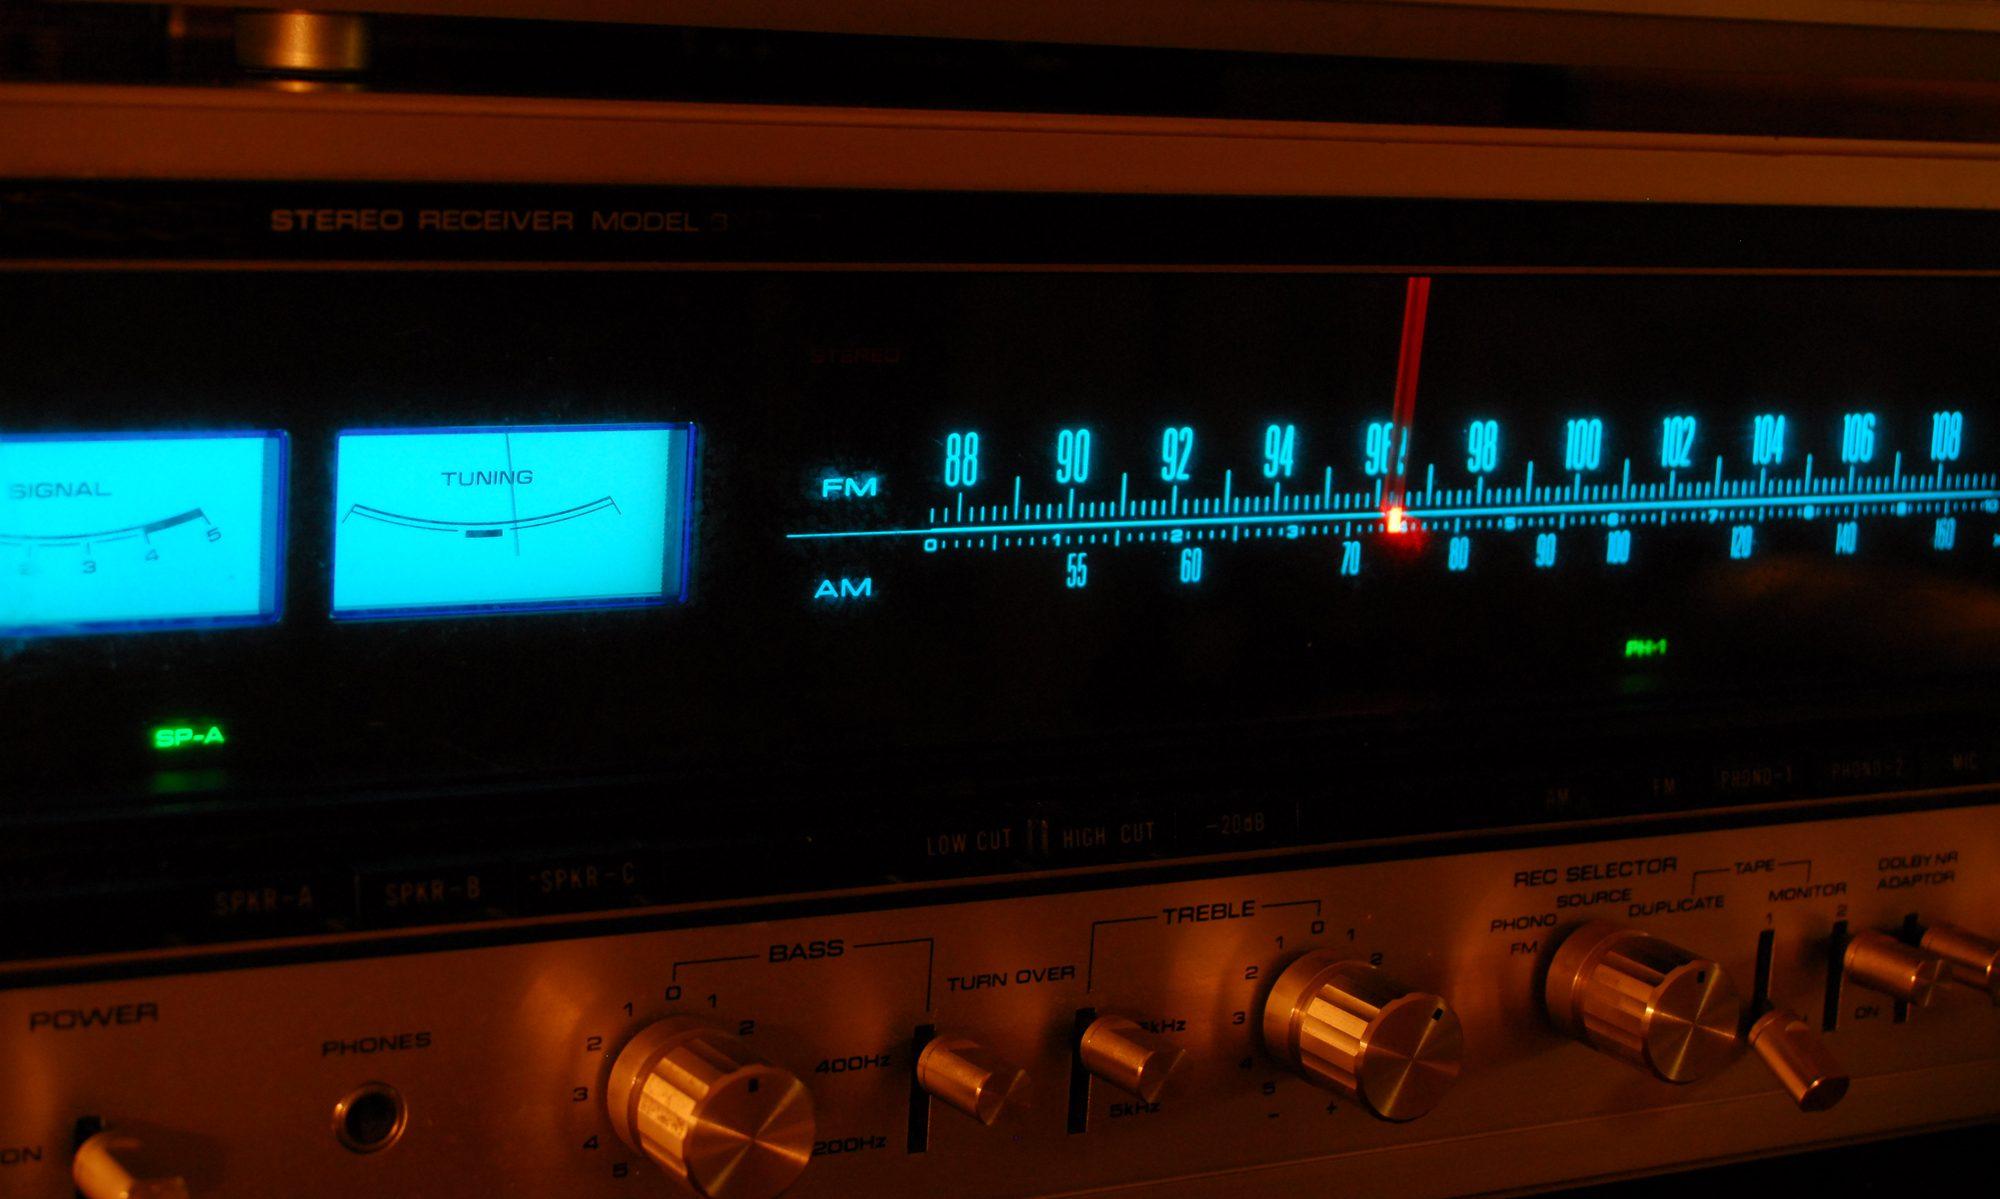 GospelRadioPromo.com